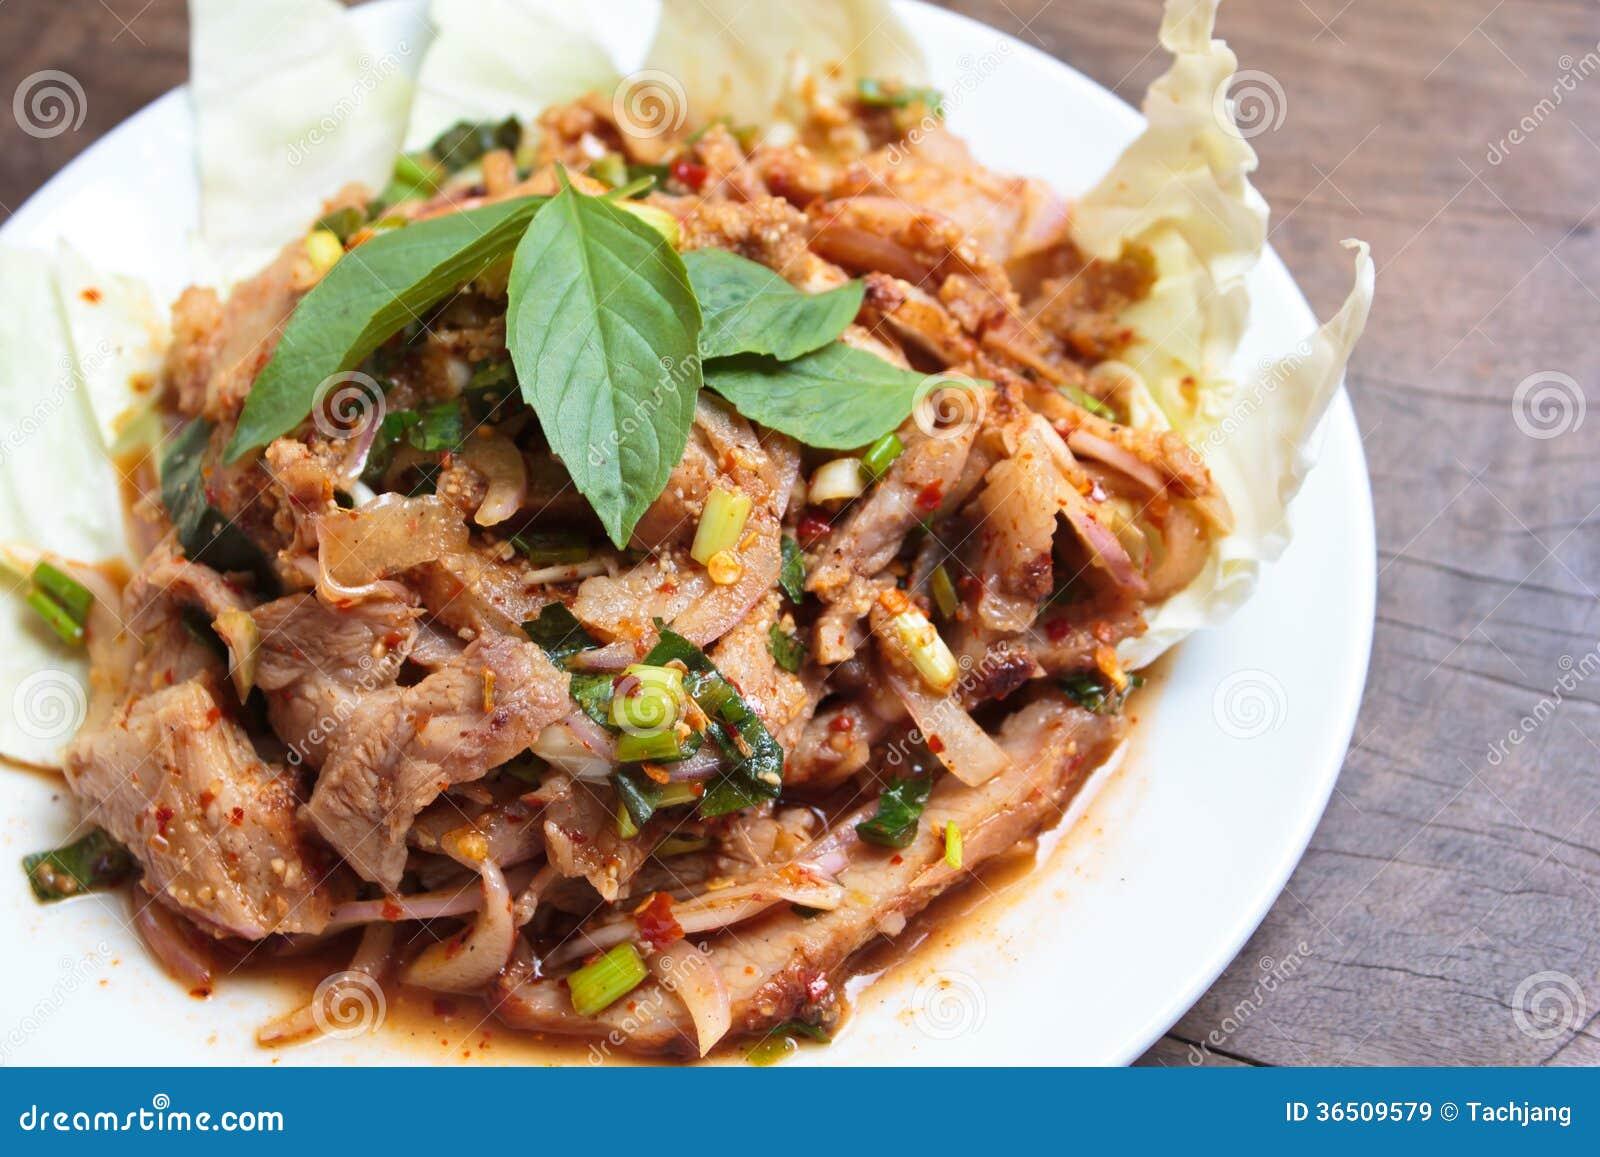 Salade épicée de porc de cuisine thaïlandaise.